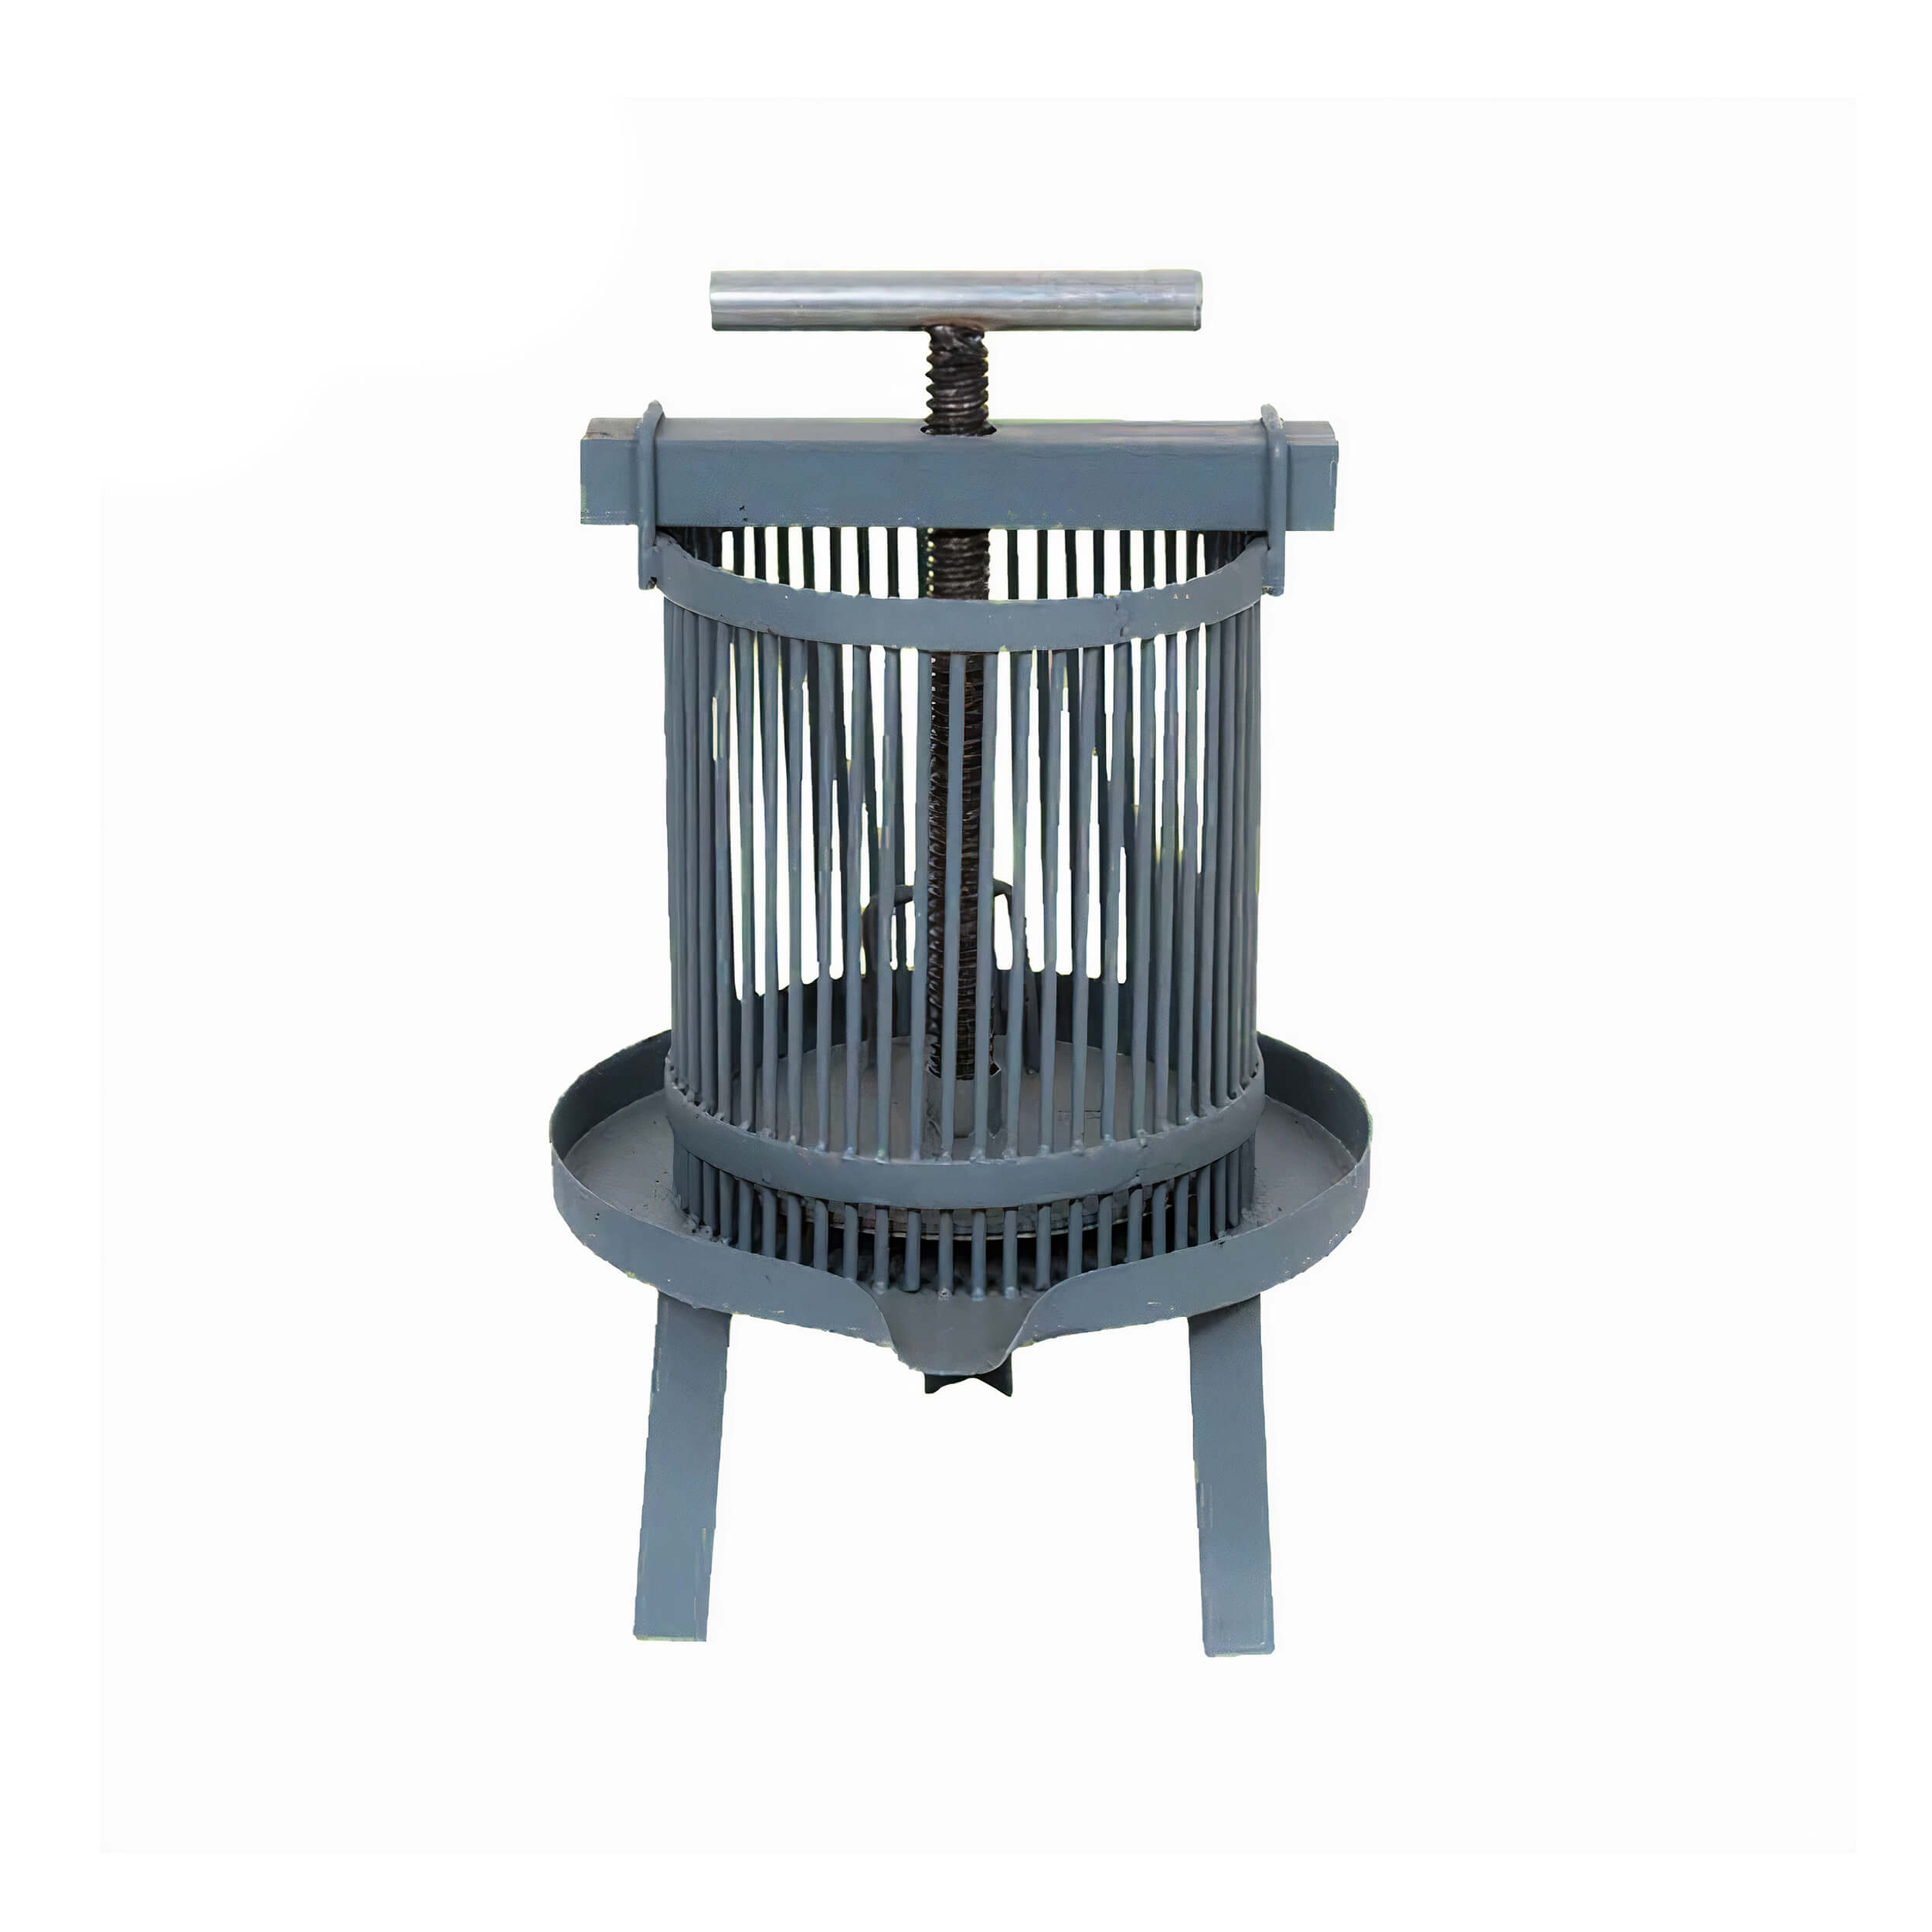 """Воскопресс ручной """"WaxExtractor Steel 10"""" фото"""